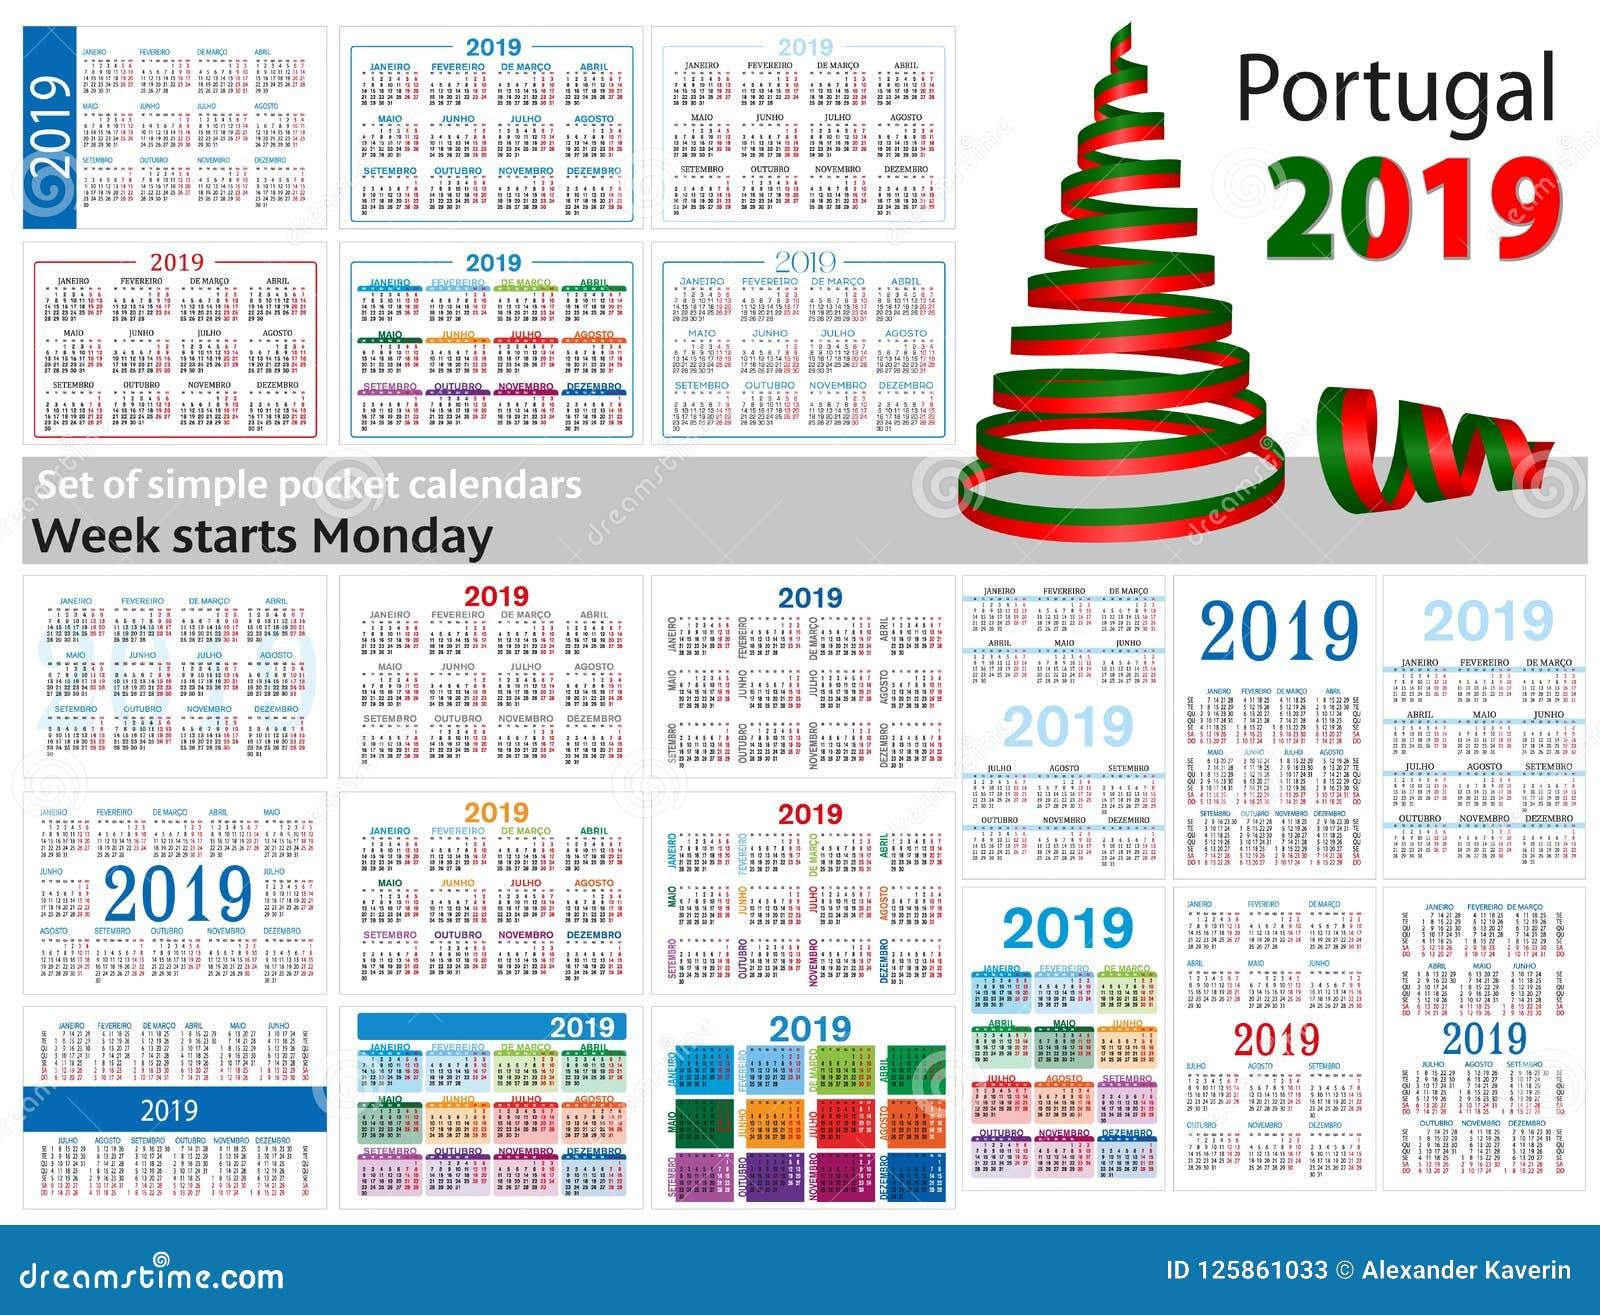 套2019二千十九的简单的口袋日历 星期星期一开始 从葡萄牙的翻译-